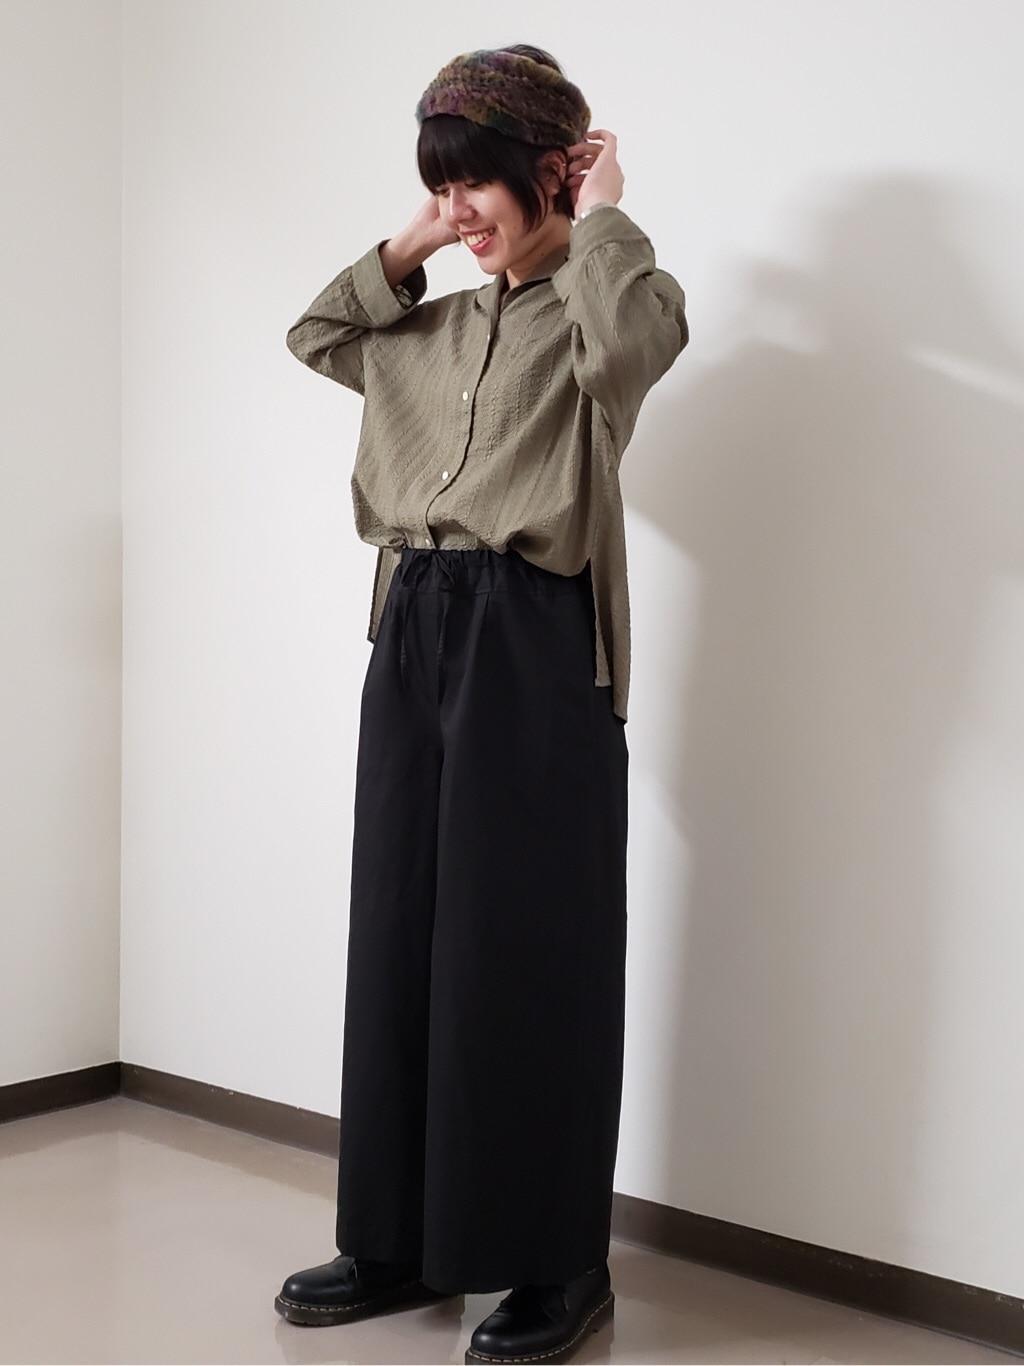 bulle de savon アトレ川崎 身長:168cm 2019.08.16